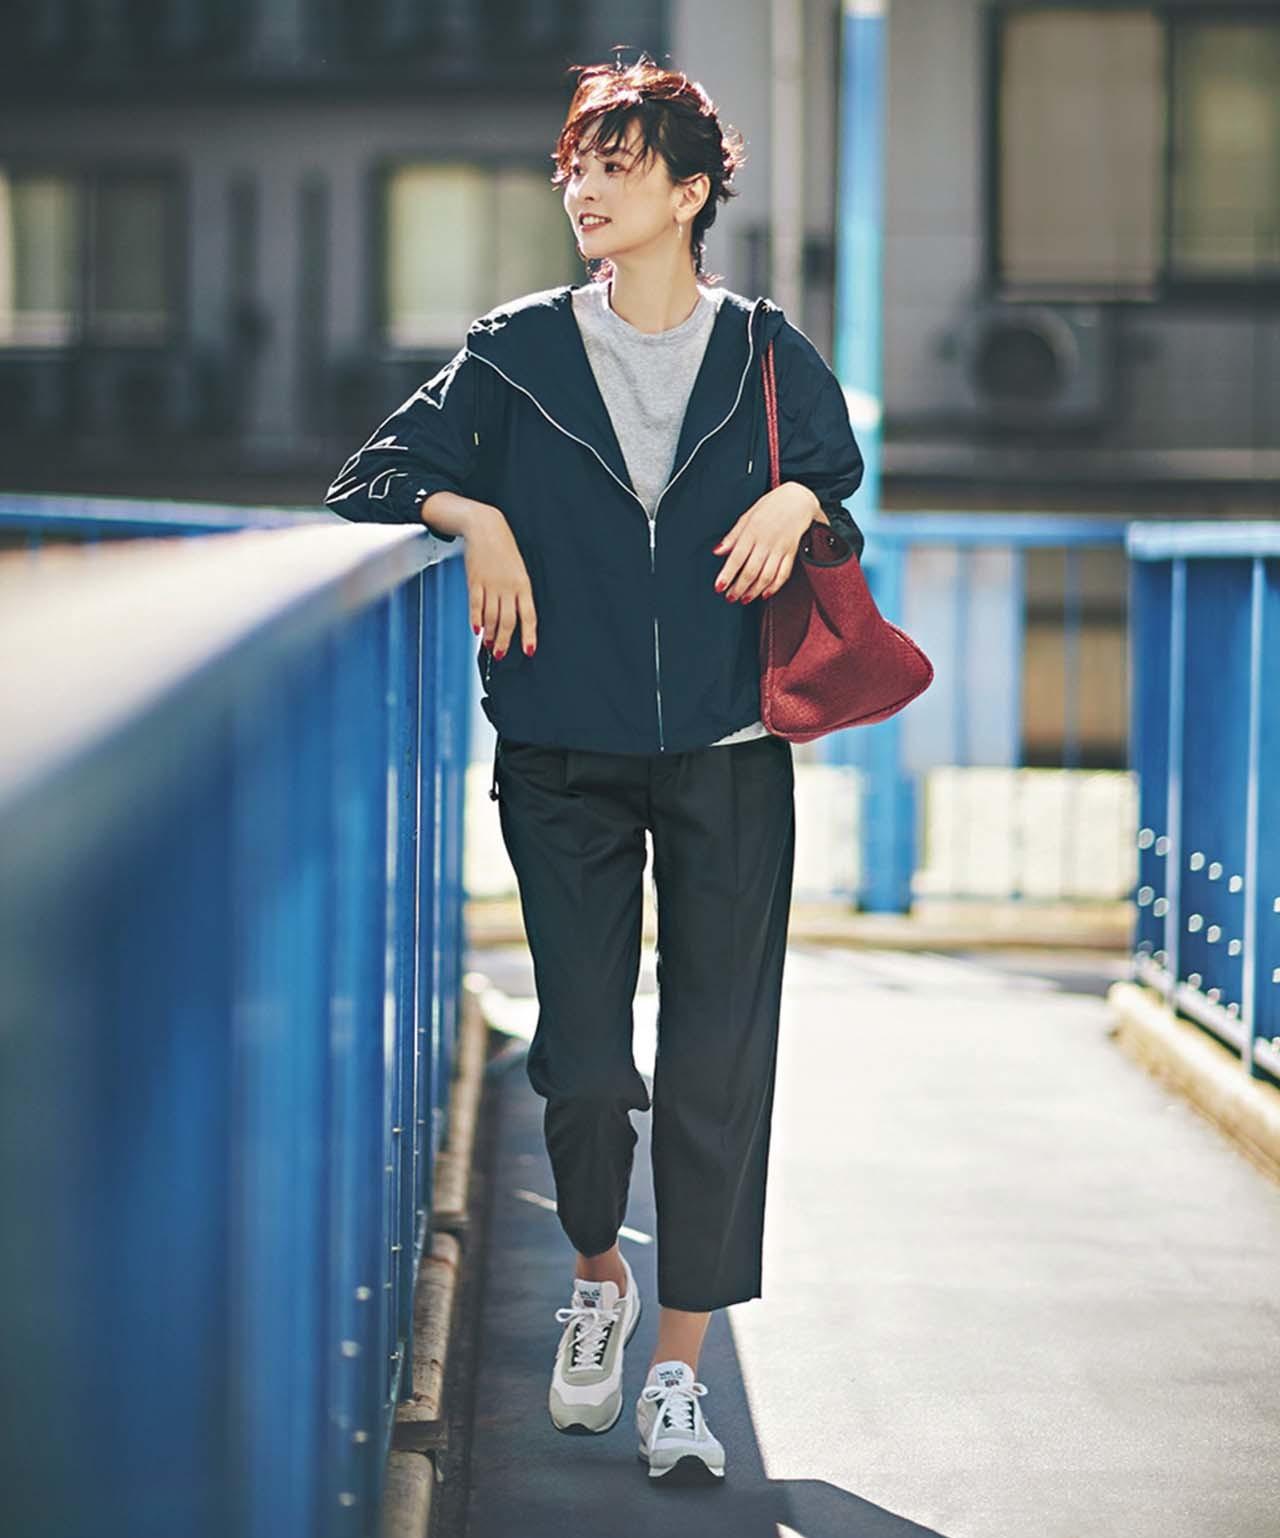 STUNNING LURE タックパンツの黒パンツ×ブルゾンコーデを着たモデルの五明祐子さん